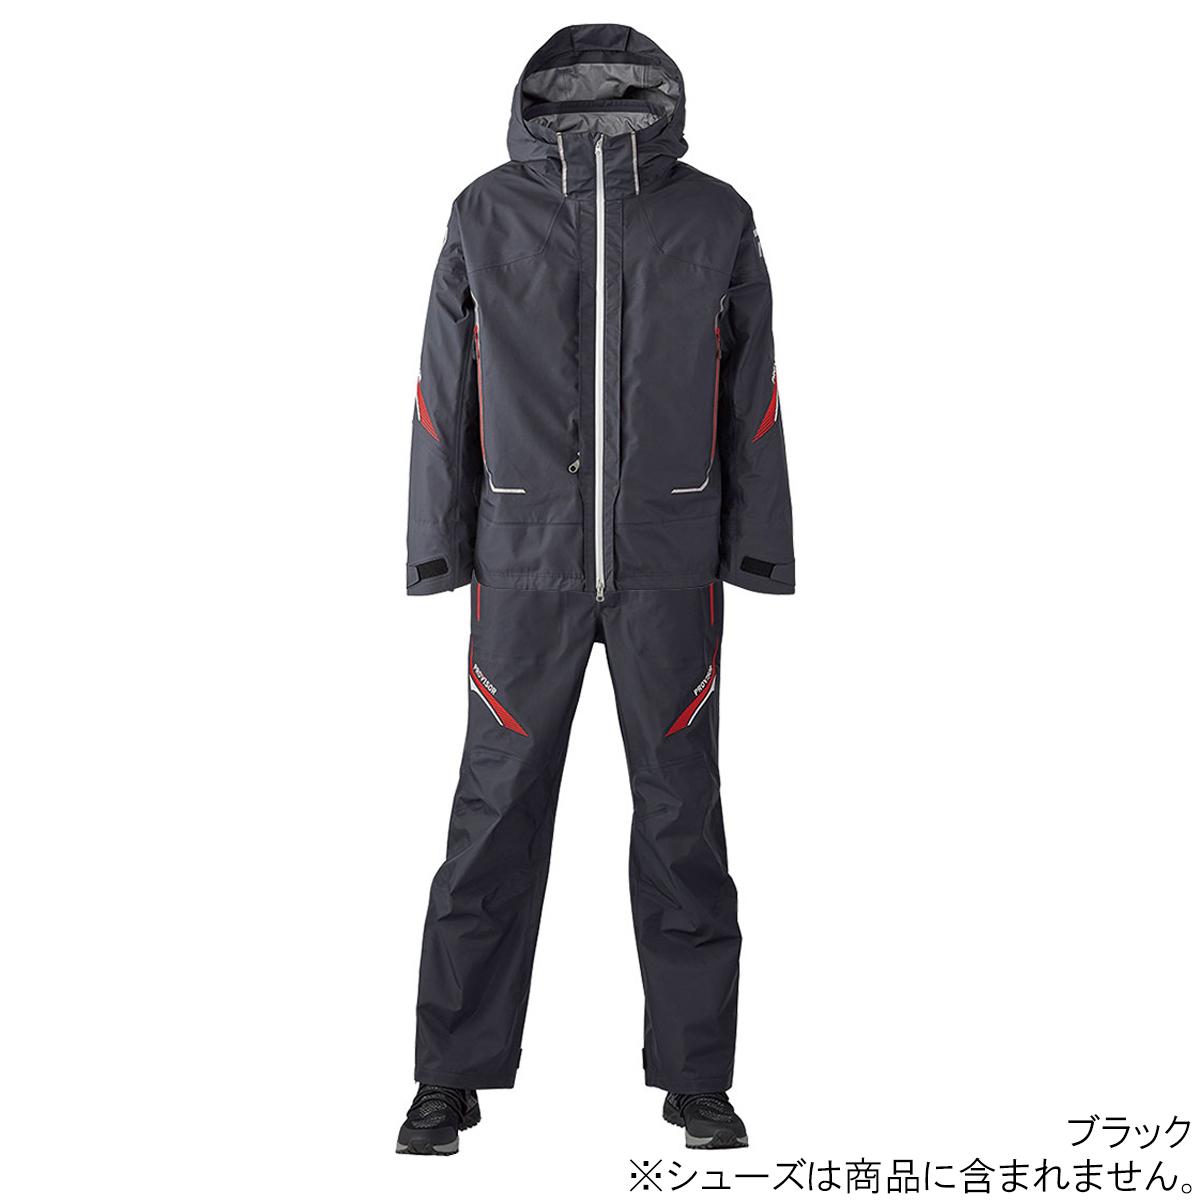 ダイワ プロバイザー ゴアテックス プロダクト コンビアップレインスーツ DR-15020 M ブラック(東日本店)